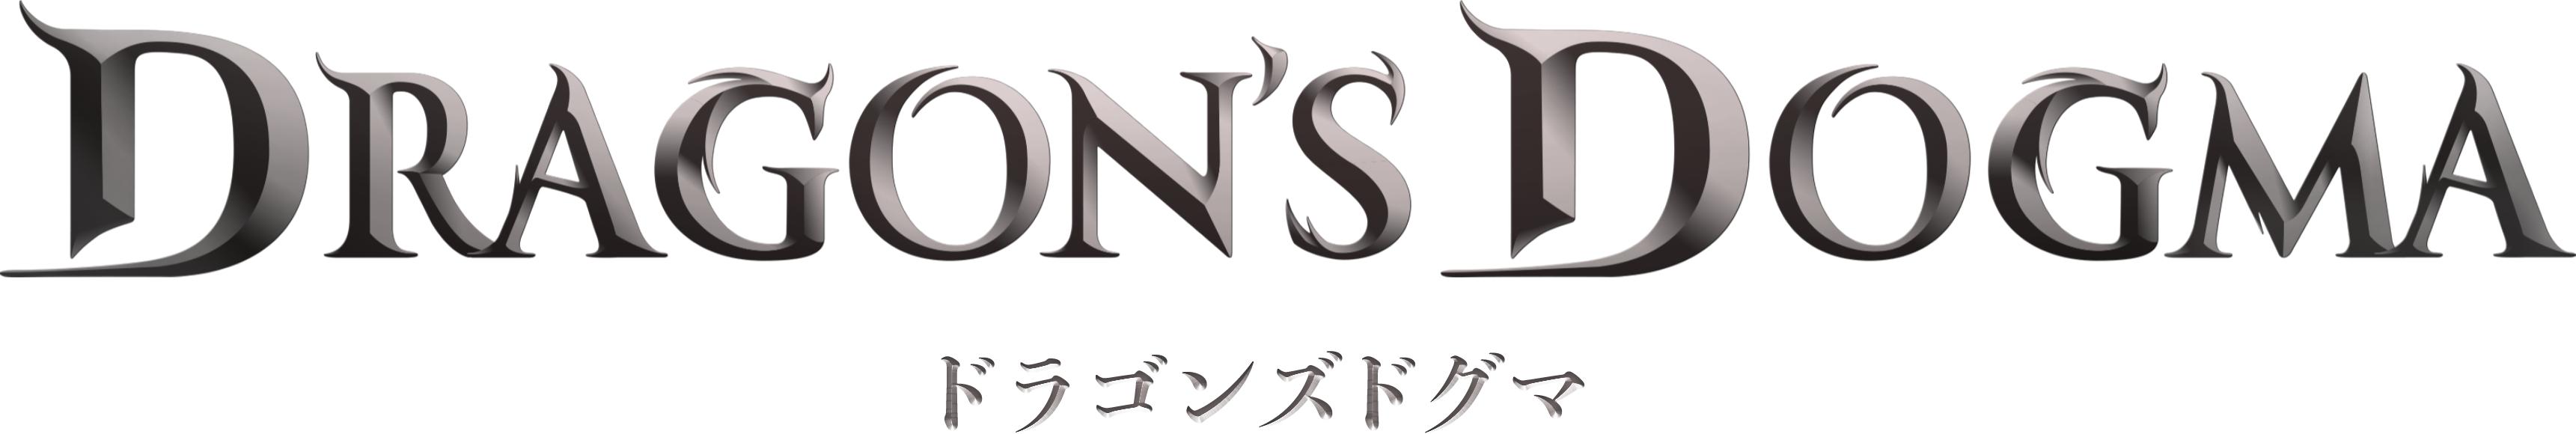 世界的大人気ゲーム「ドラゴンズドグマ」のアニメシリーズがついに配信日決定!!